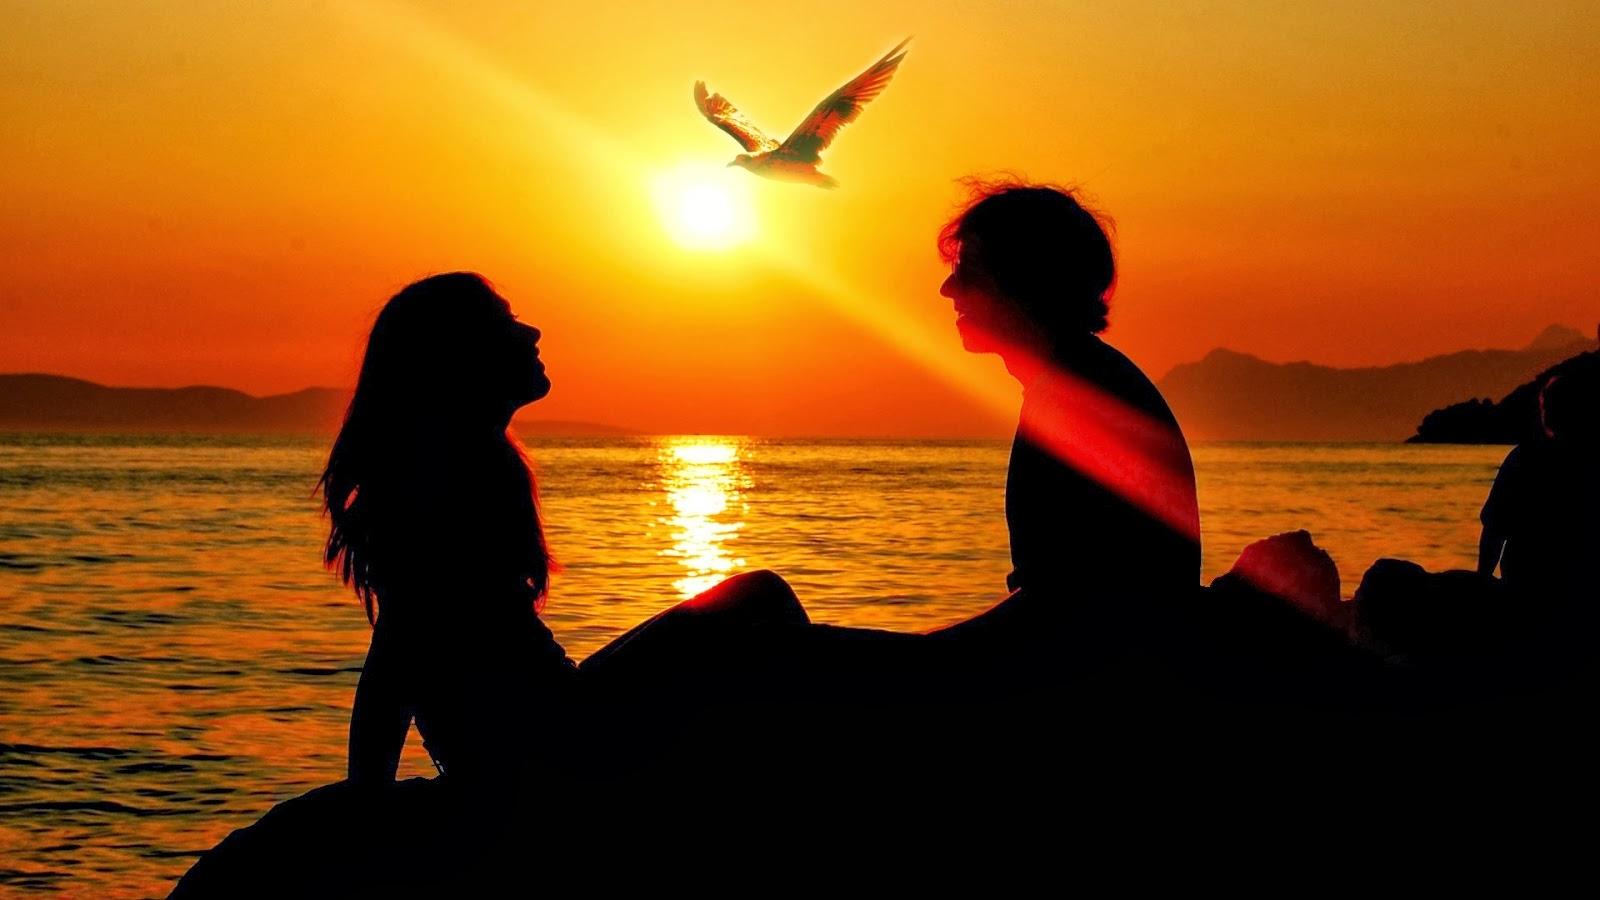 بالصور صور حب من غير كلام , بوستات حب ورومانسية بدون كلمات 4886 4